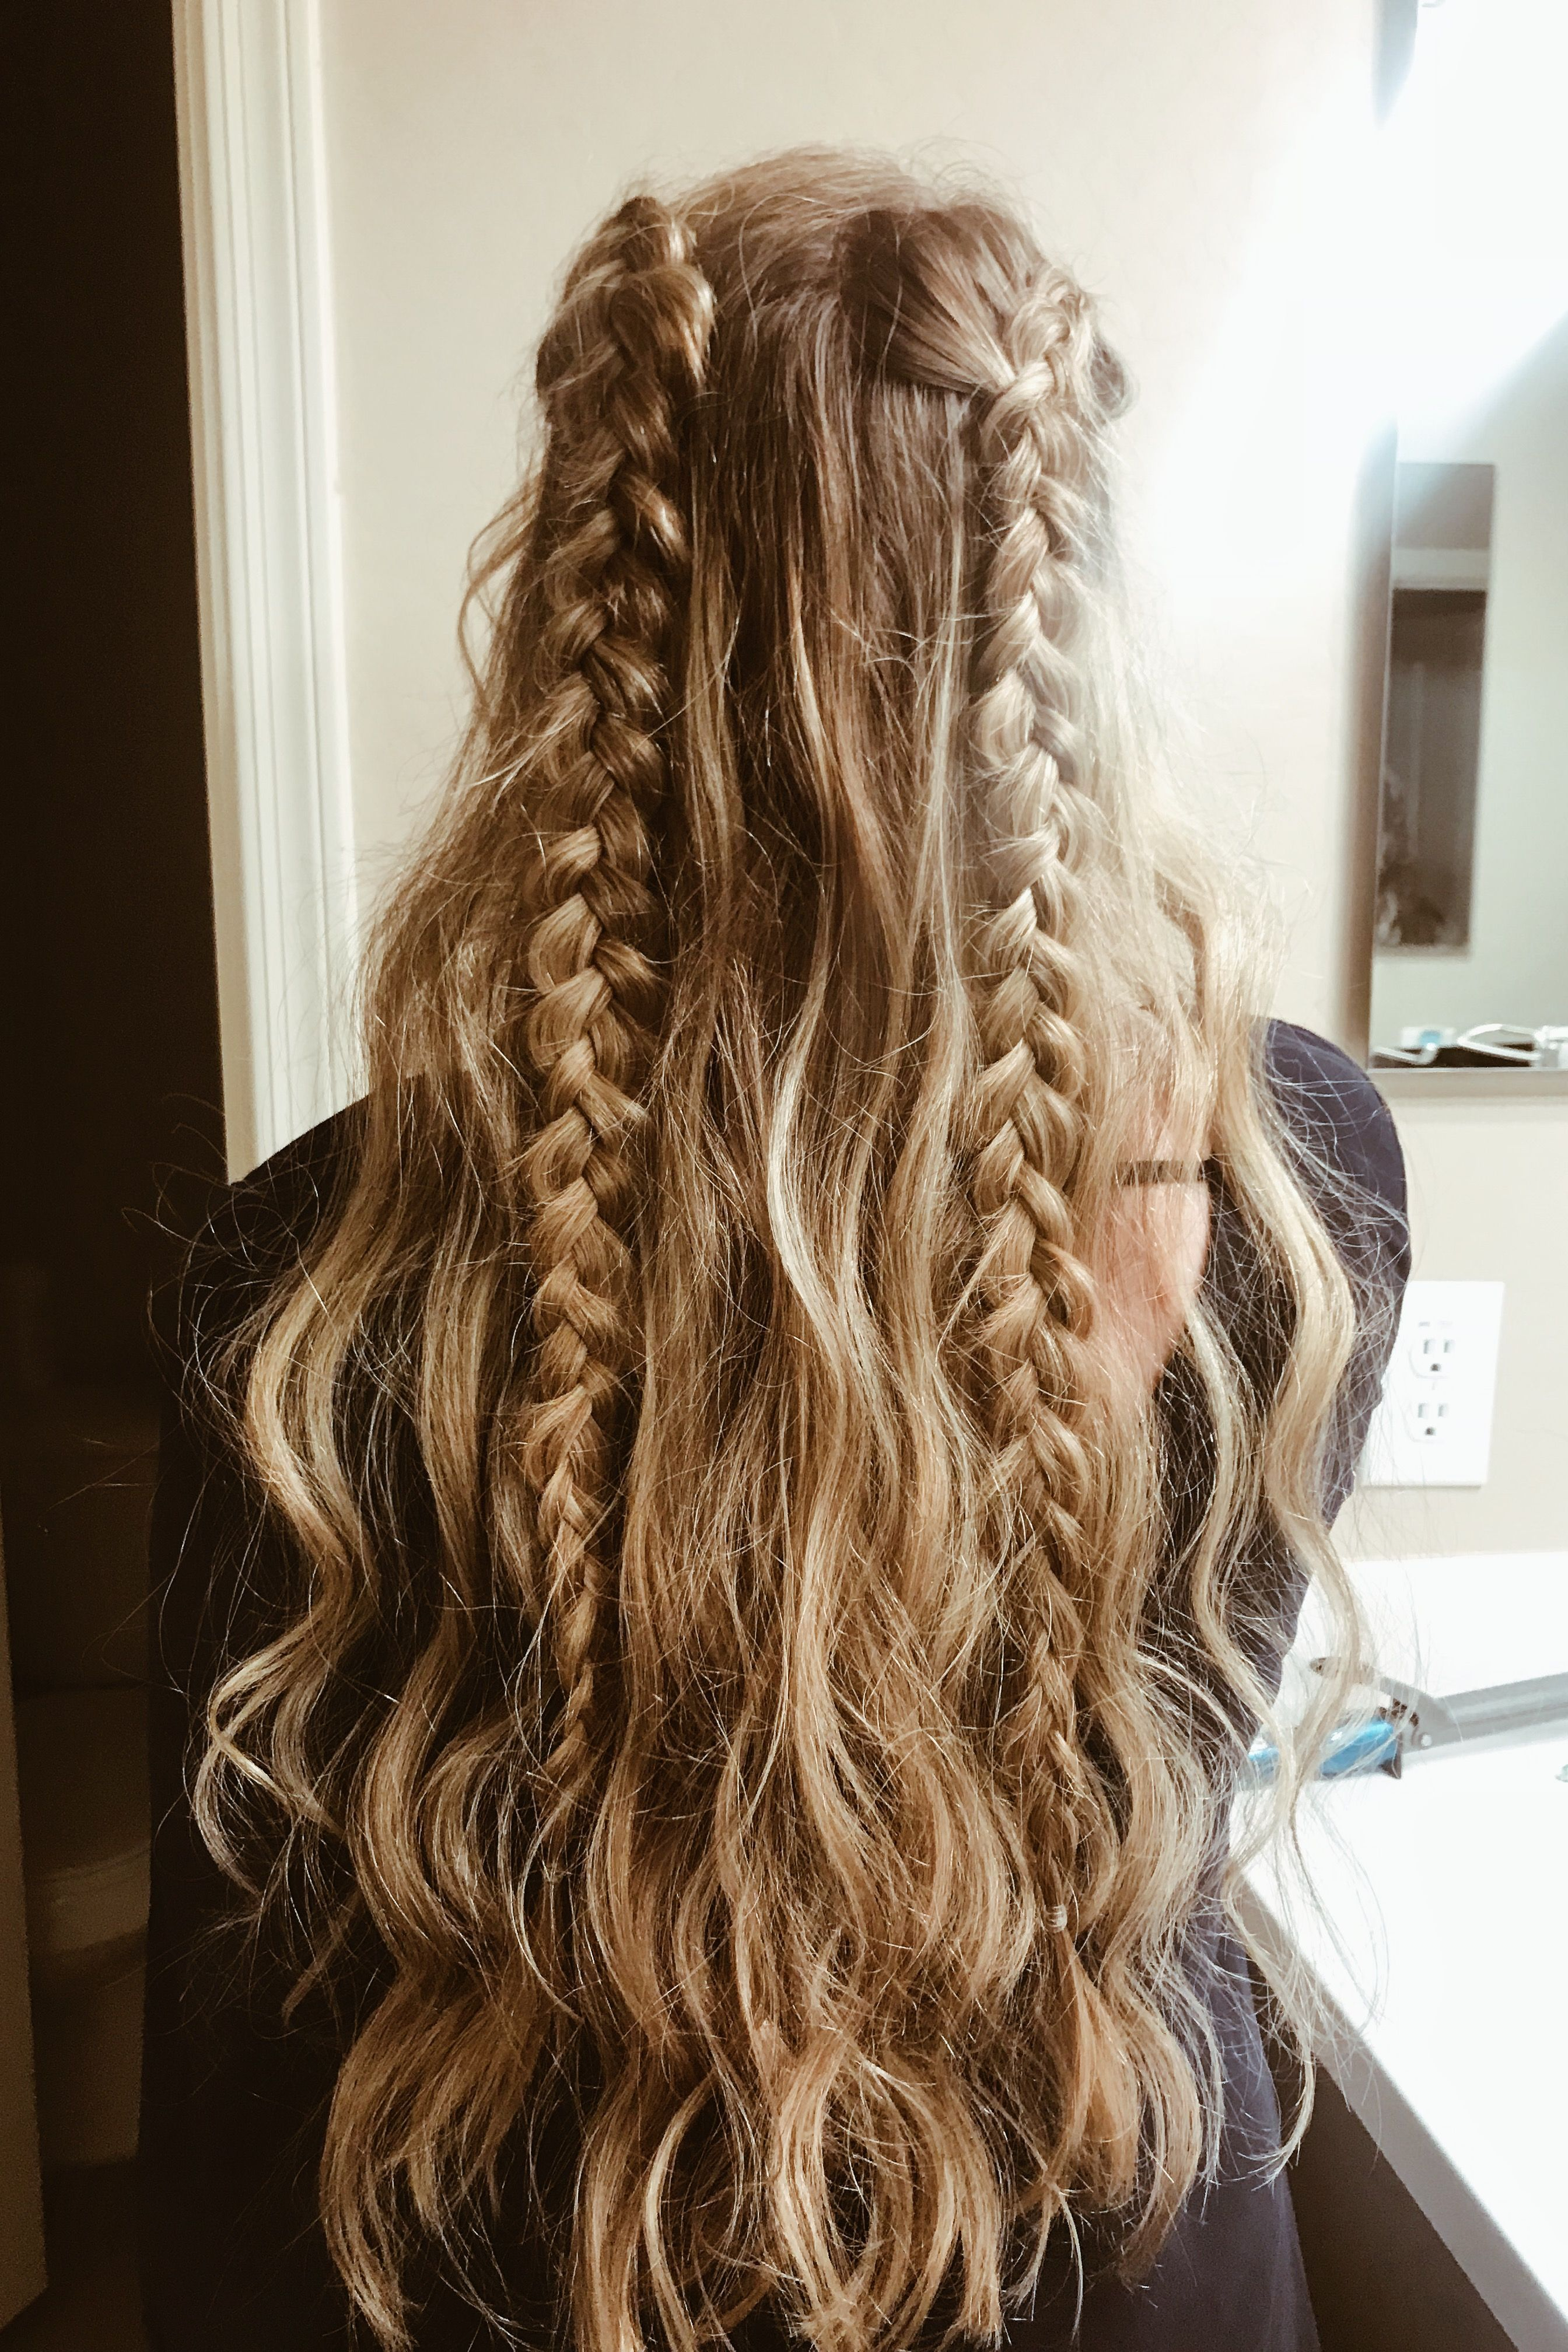 Haar Ideen und Frisuren, die einfach und süß sind. einfach